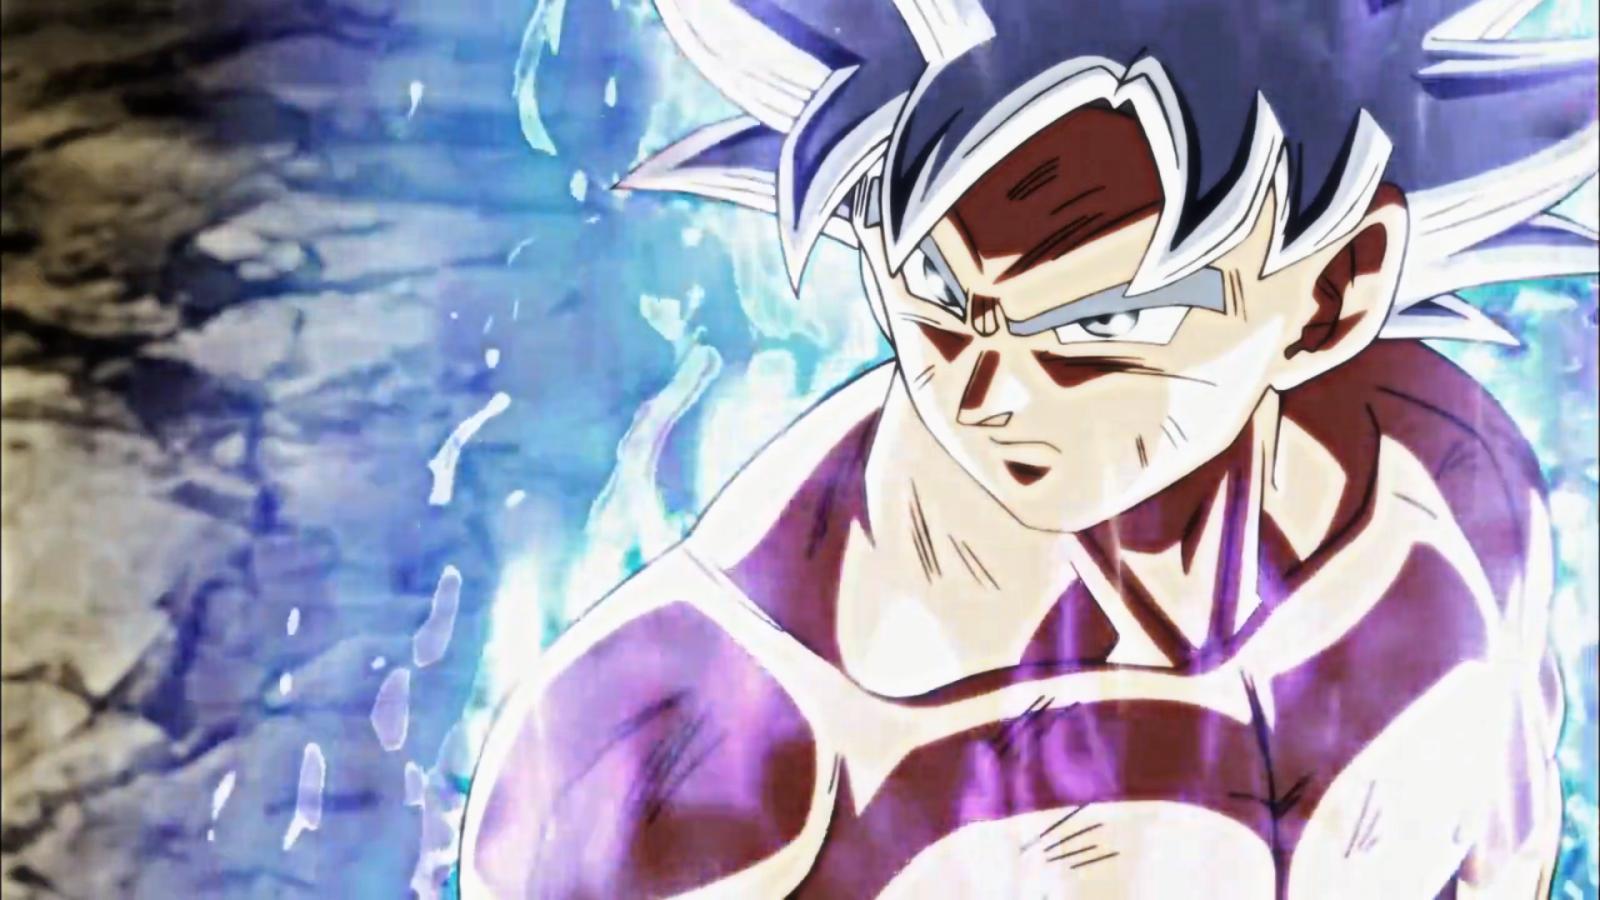 Ultra Instinct Goku Hd Wallpaper: Wallpaper : Son Goku, Ultra Instinct Goku, Mastered Ultra